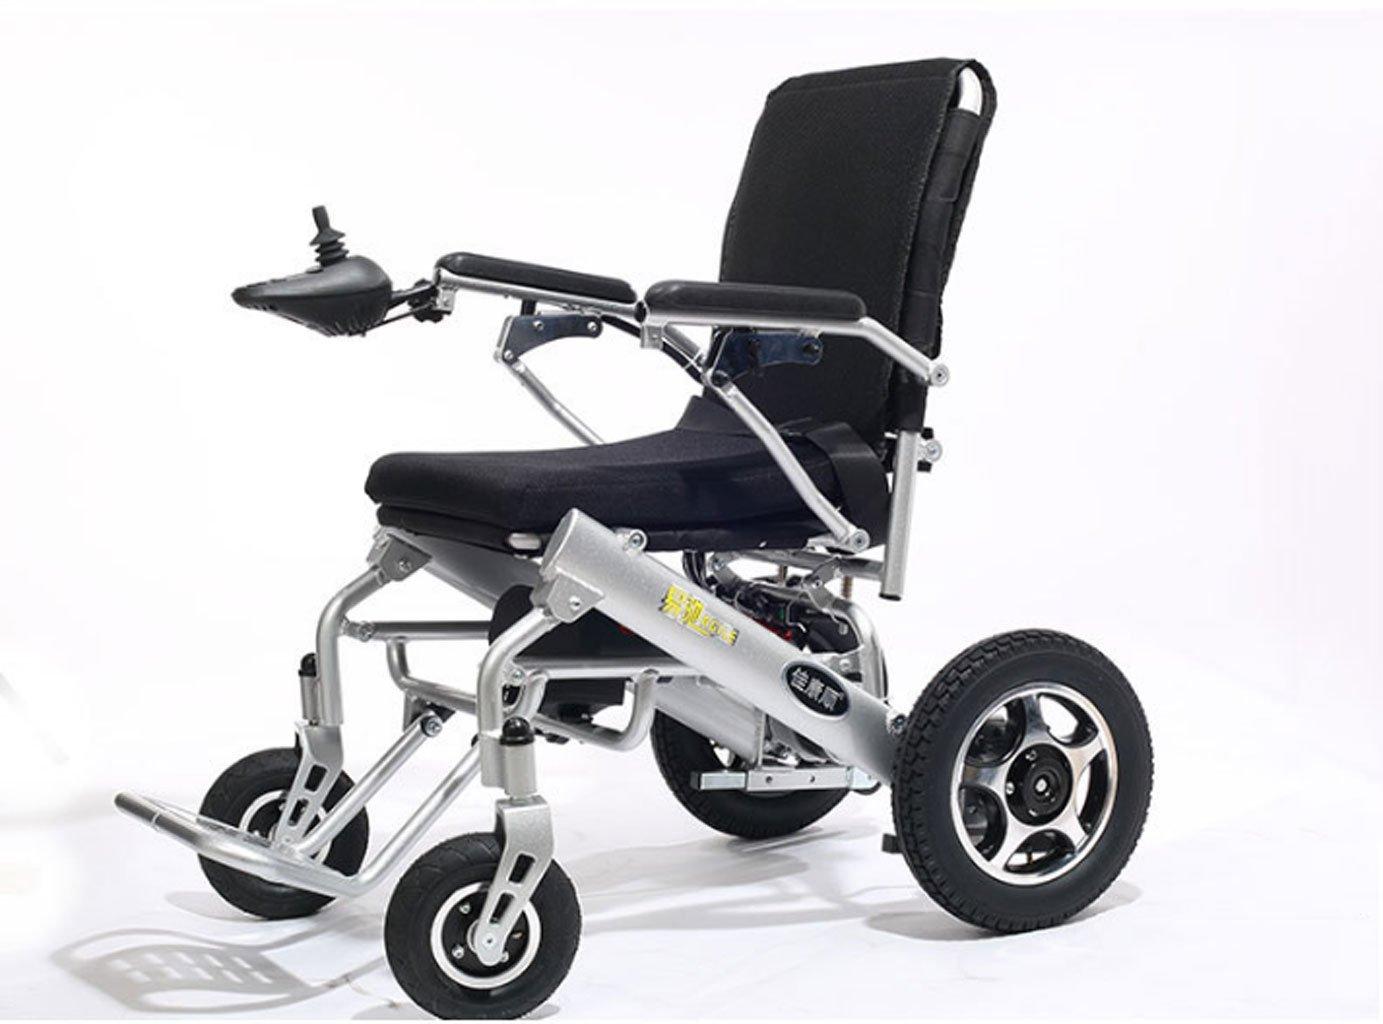 Silla de ruedas eléctrica, Peso Ligero, eléctrica Plegable, discapacitado, Vespa eléctrica